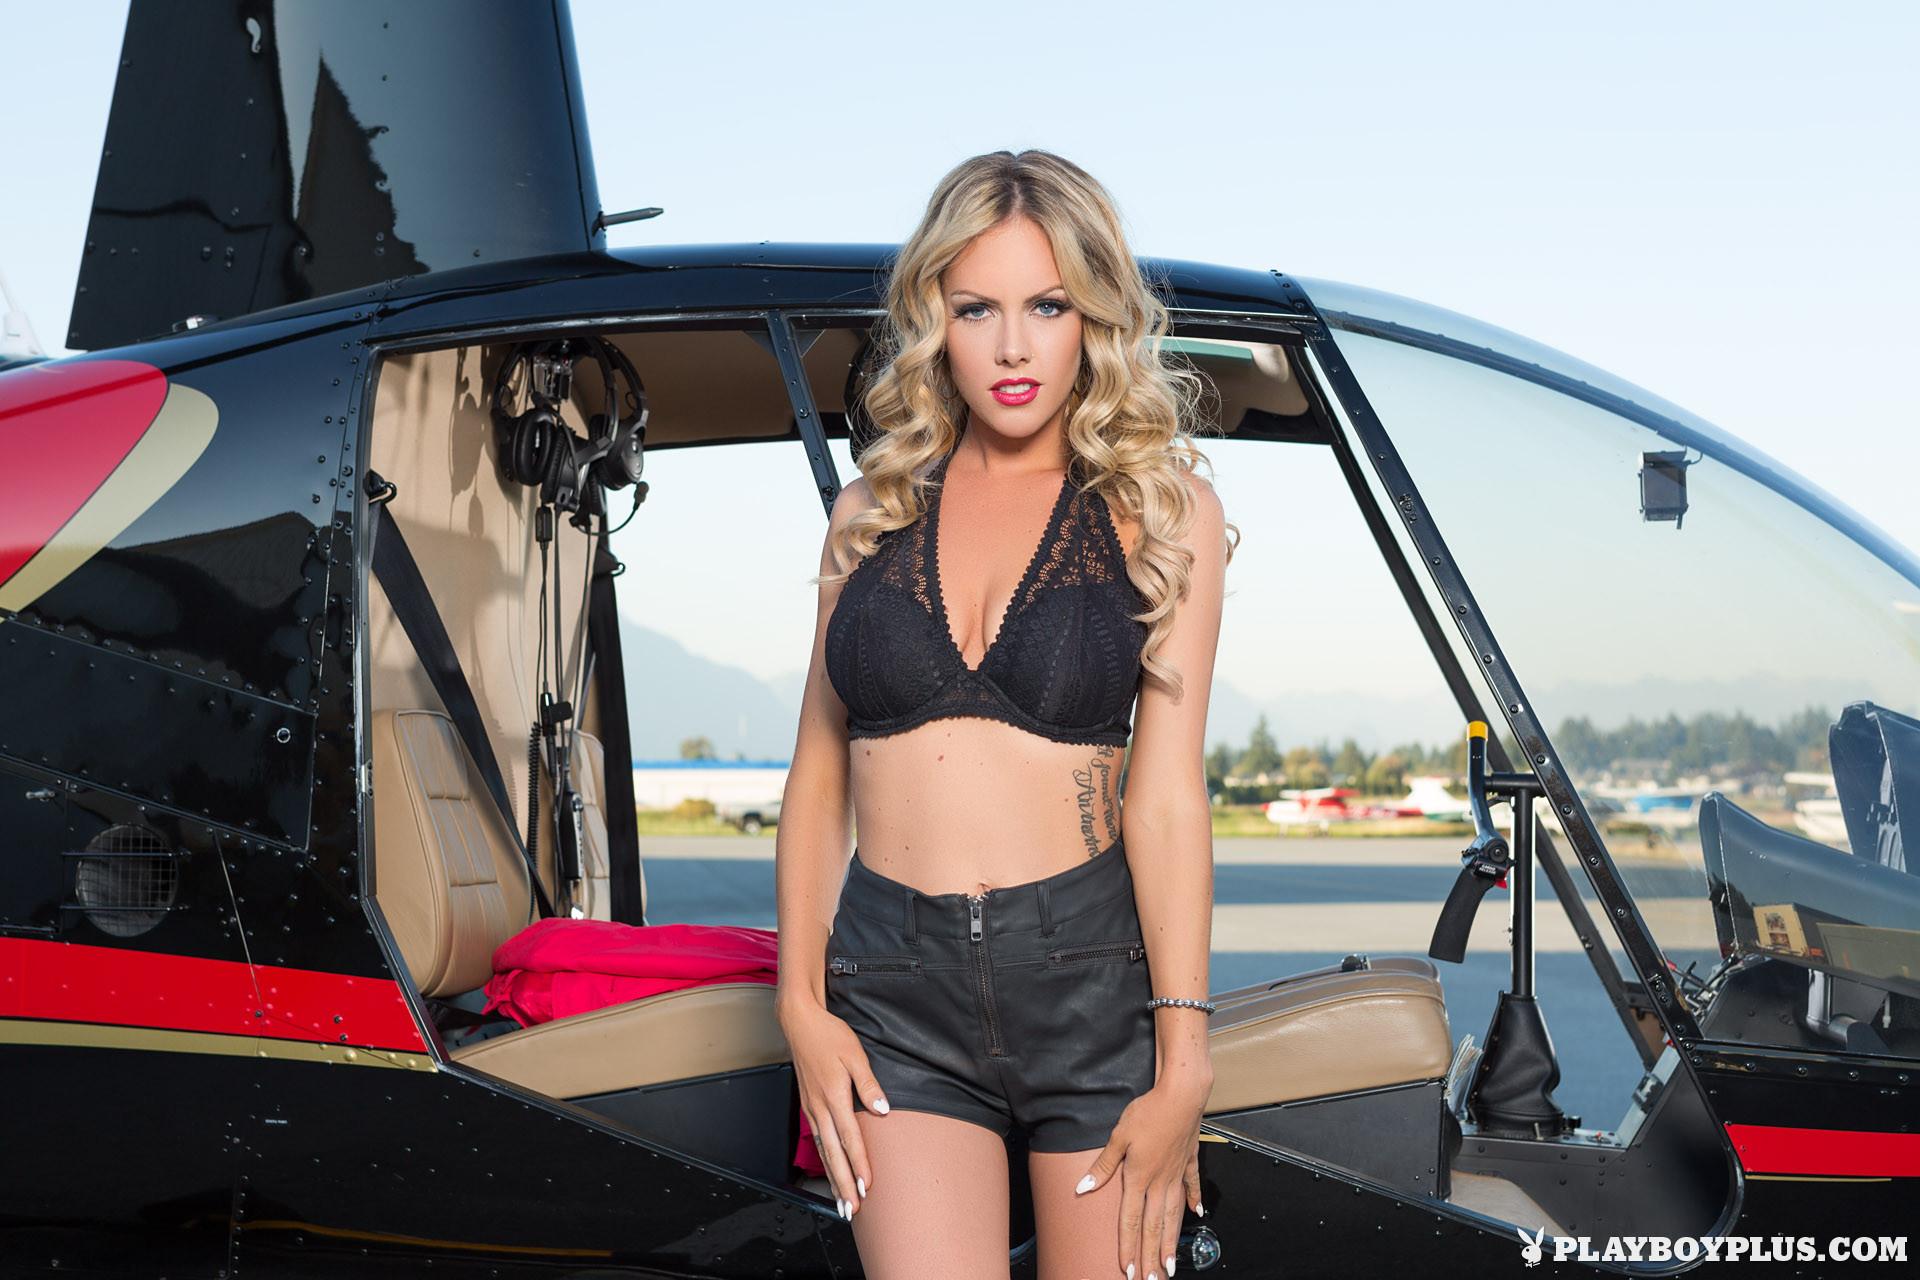 Канадская модель Хейди Мишель раздевается возле вертолета